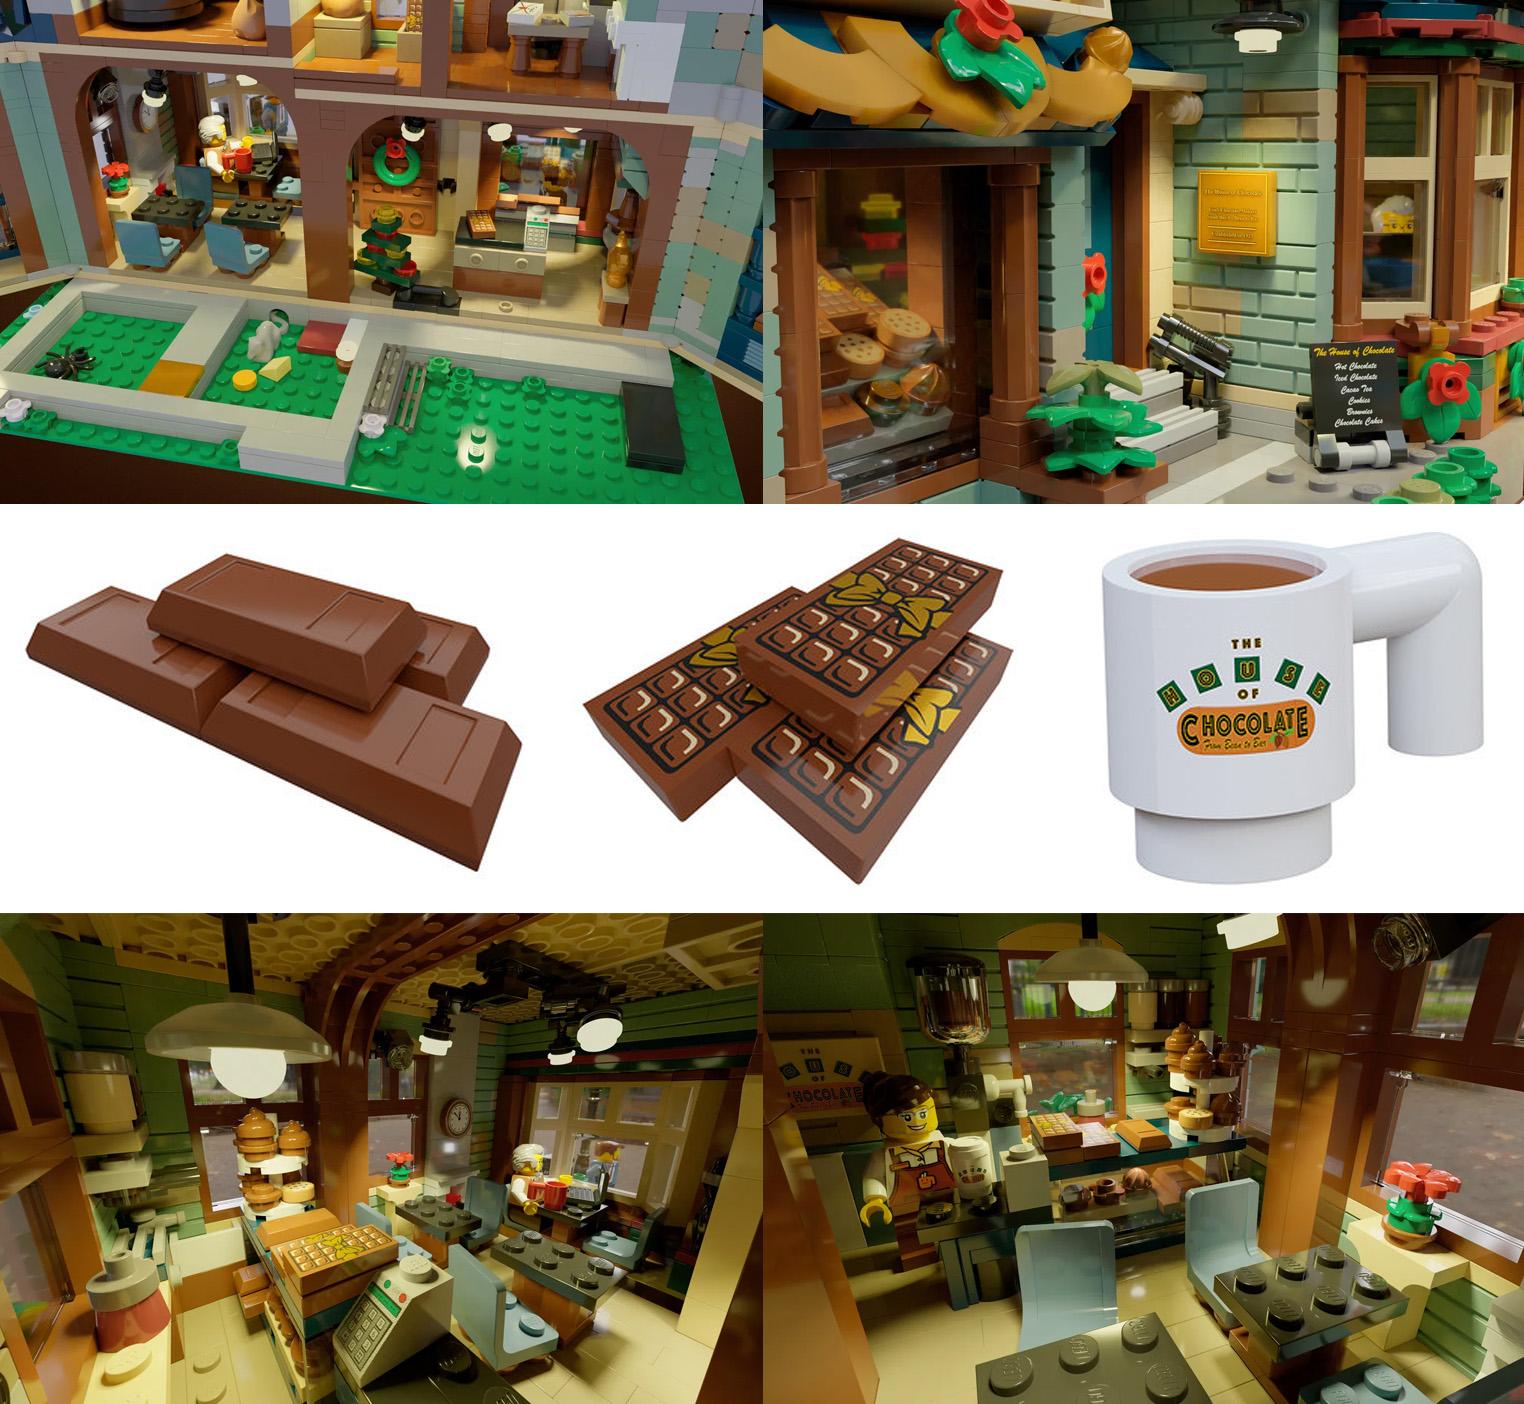 レゴアイデアで『チョコレート・ハウス』が製品化レビュー進出!2021年第1回1万サポート獲得デザイン紹介